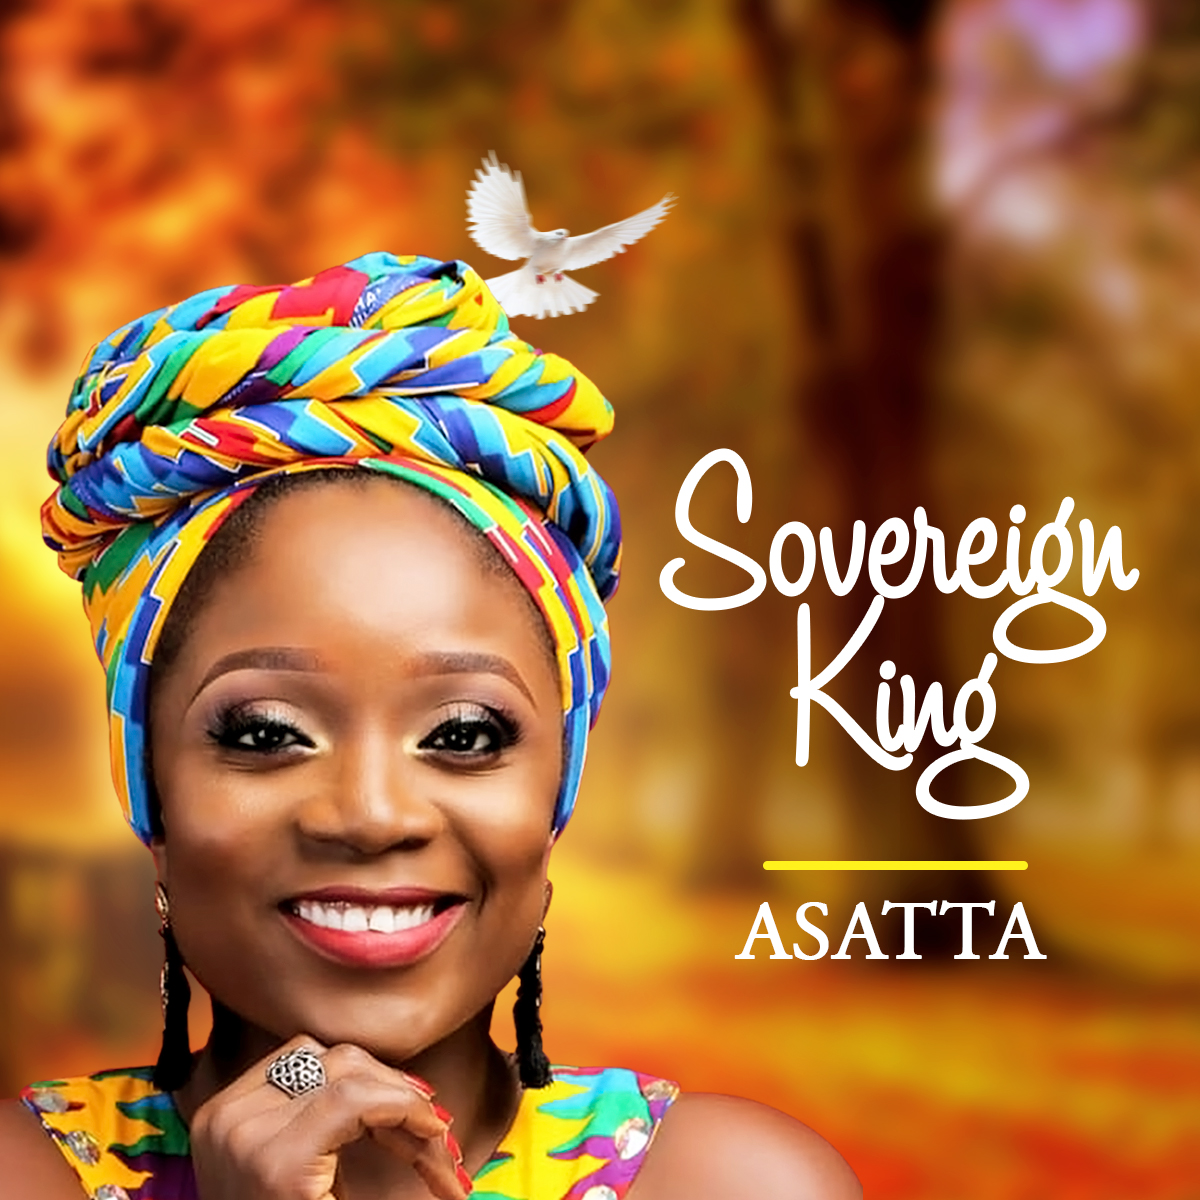 Asatta Sovereign King